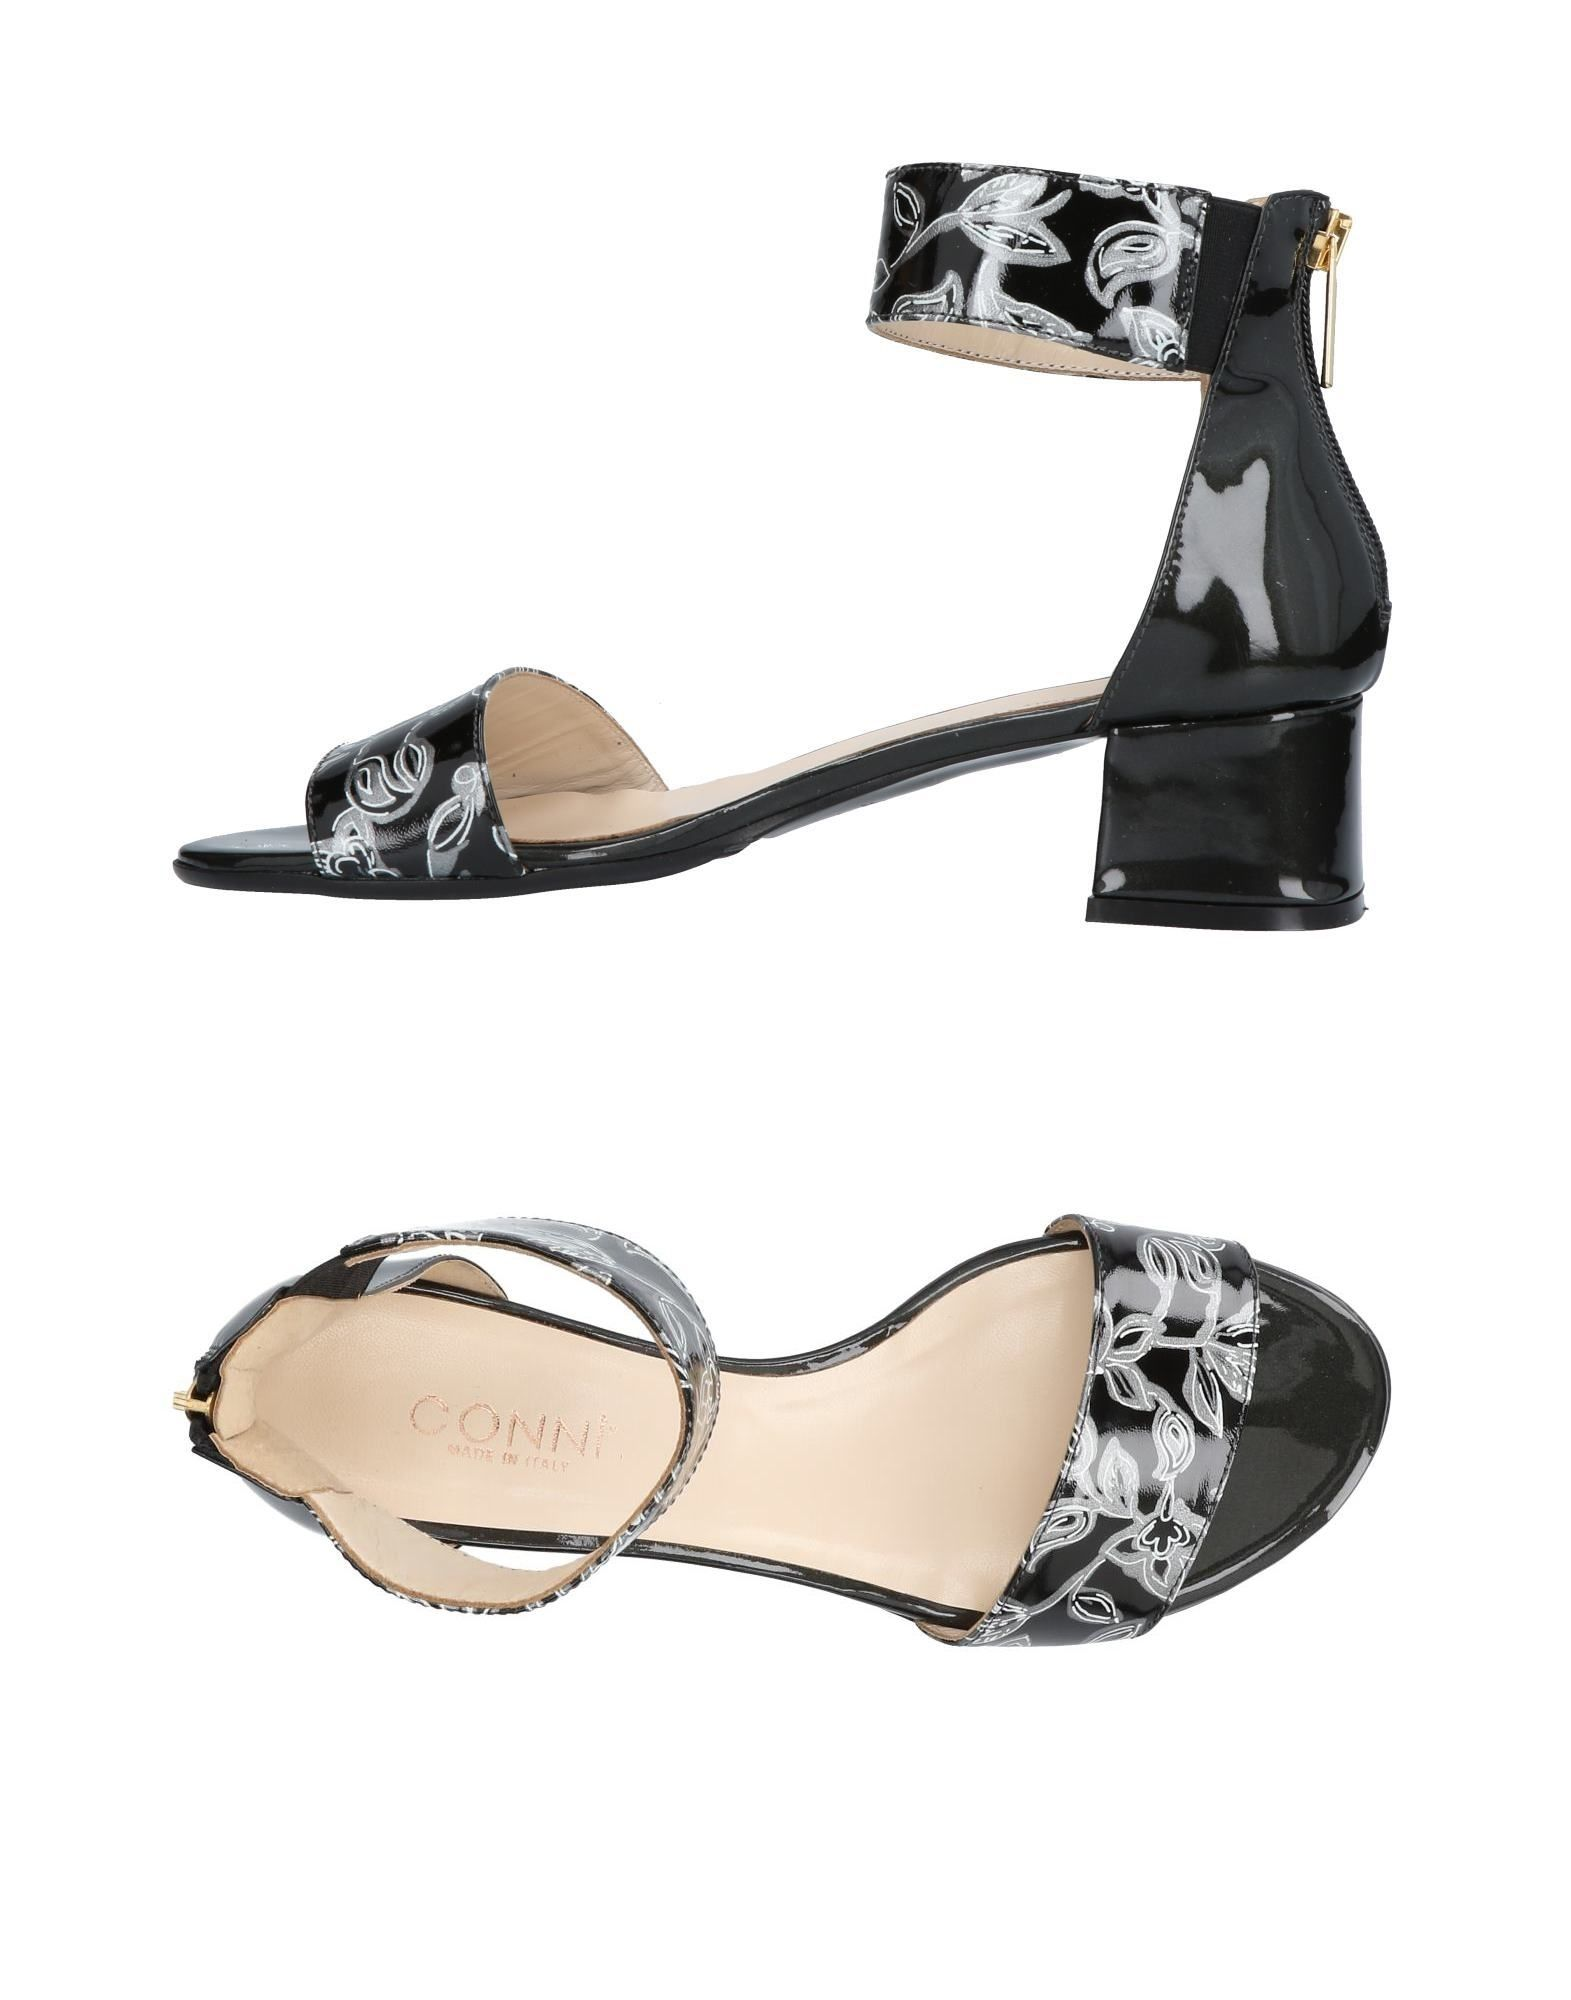 Los zapatos más populares para y hombres y para mujeres Sandalia Conni Mujer - Sandalias Conni  Negro e83f63